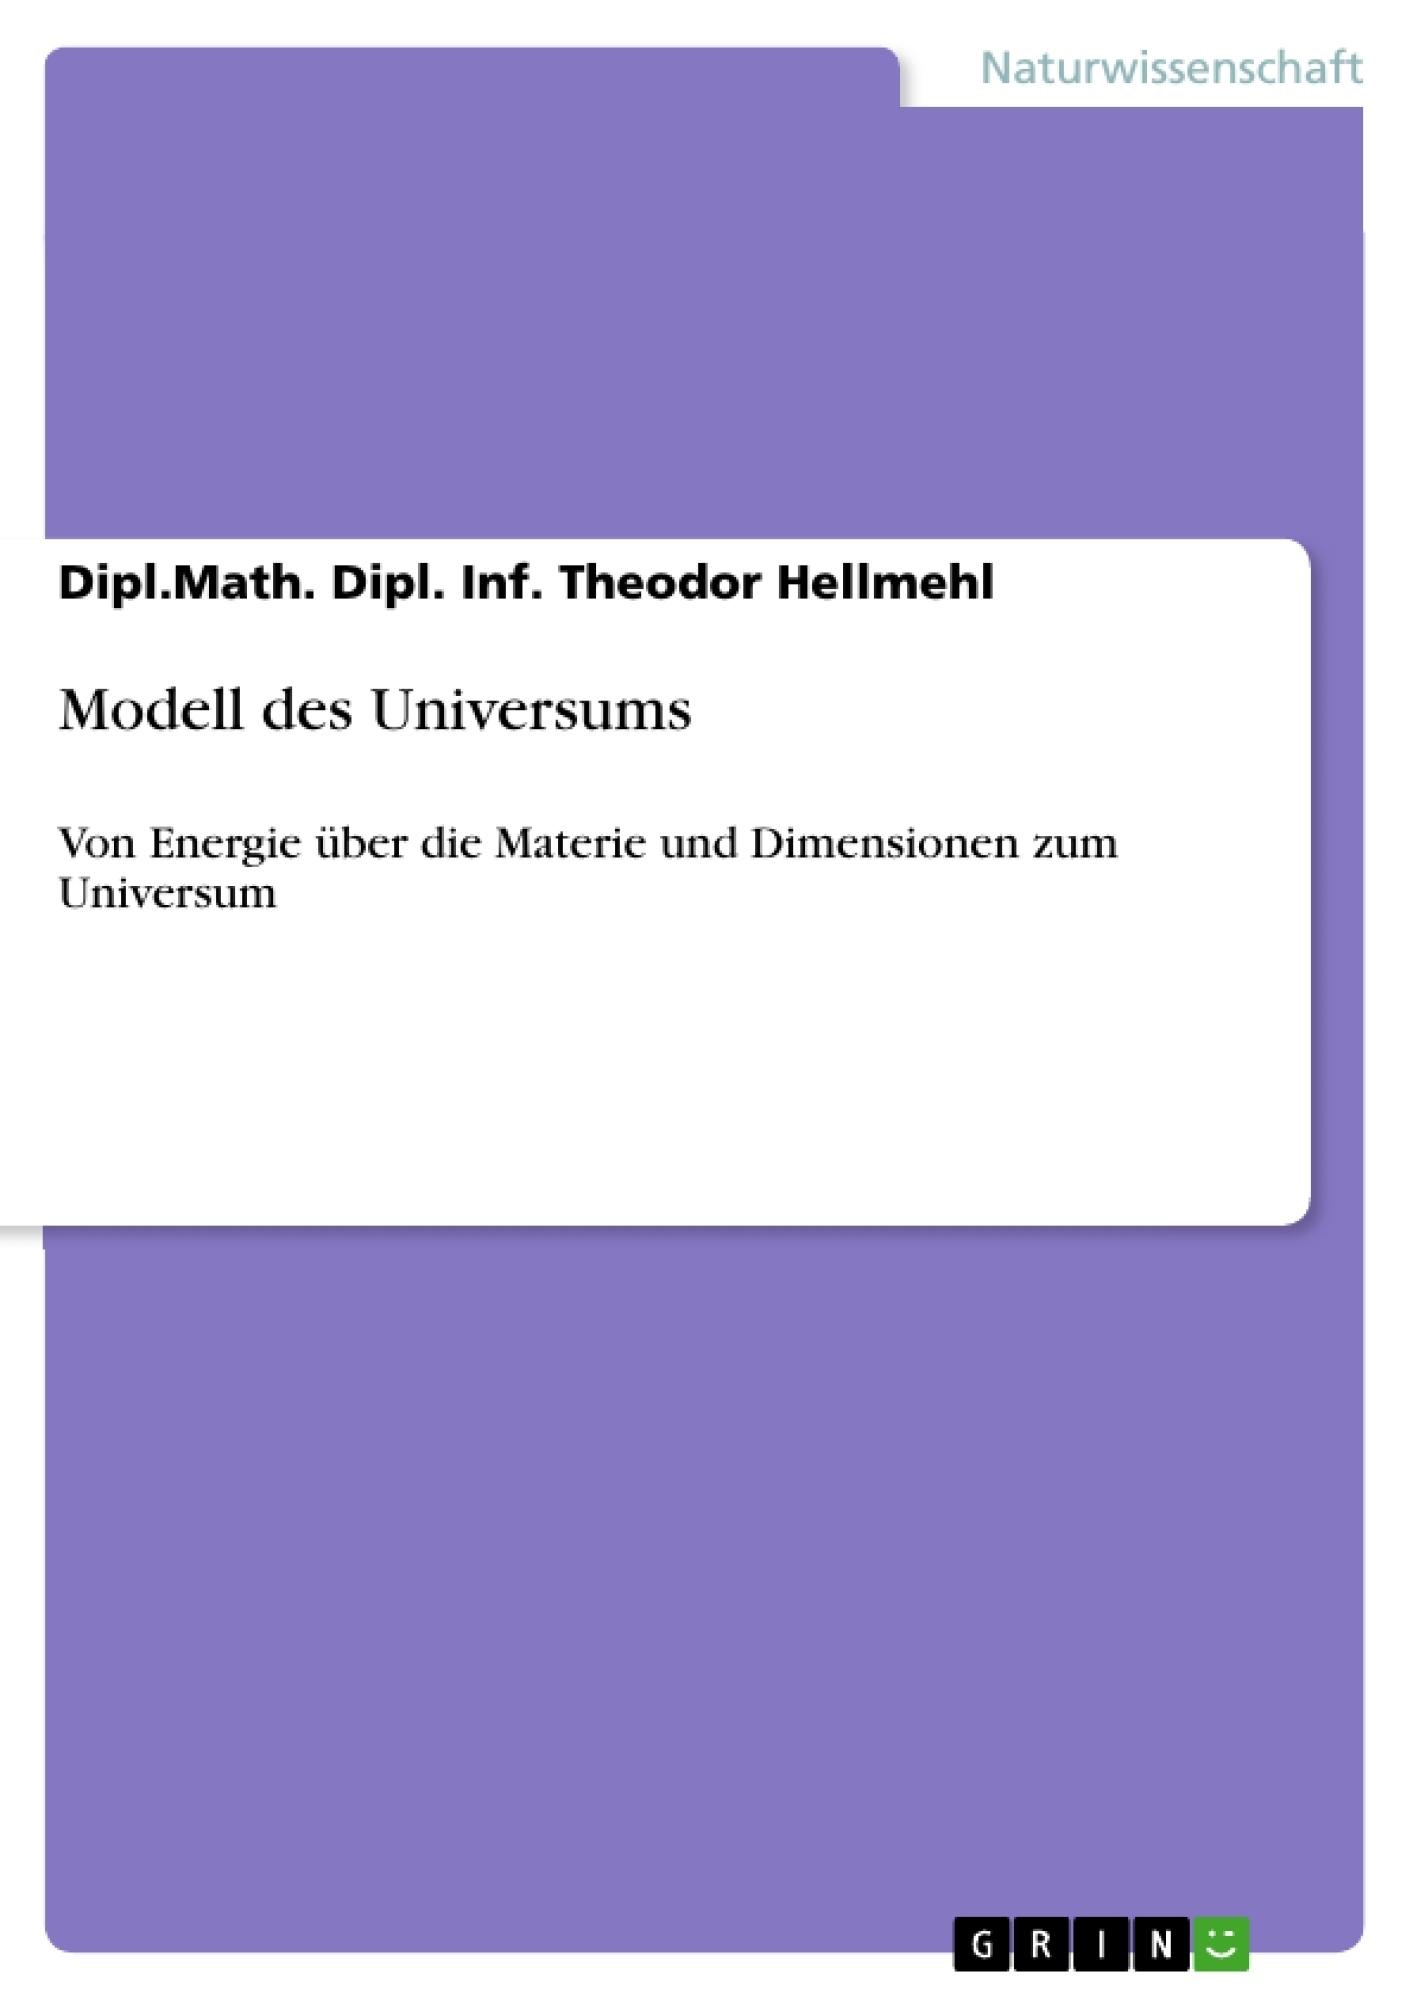 Titel: Modell des Universums